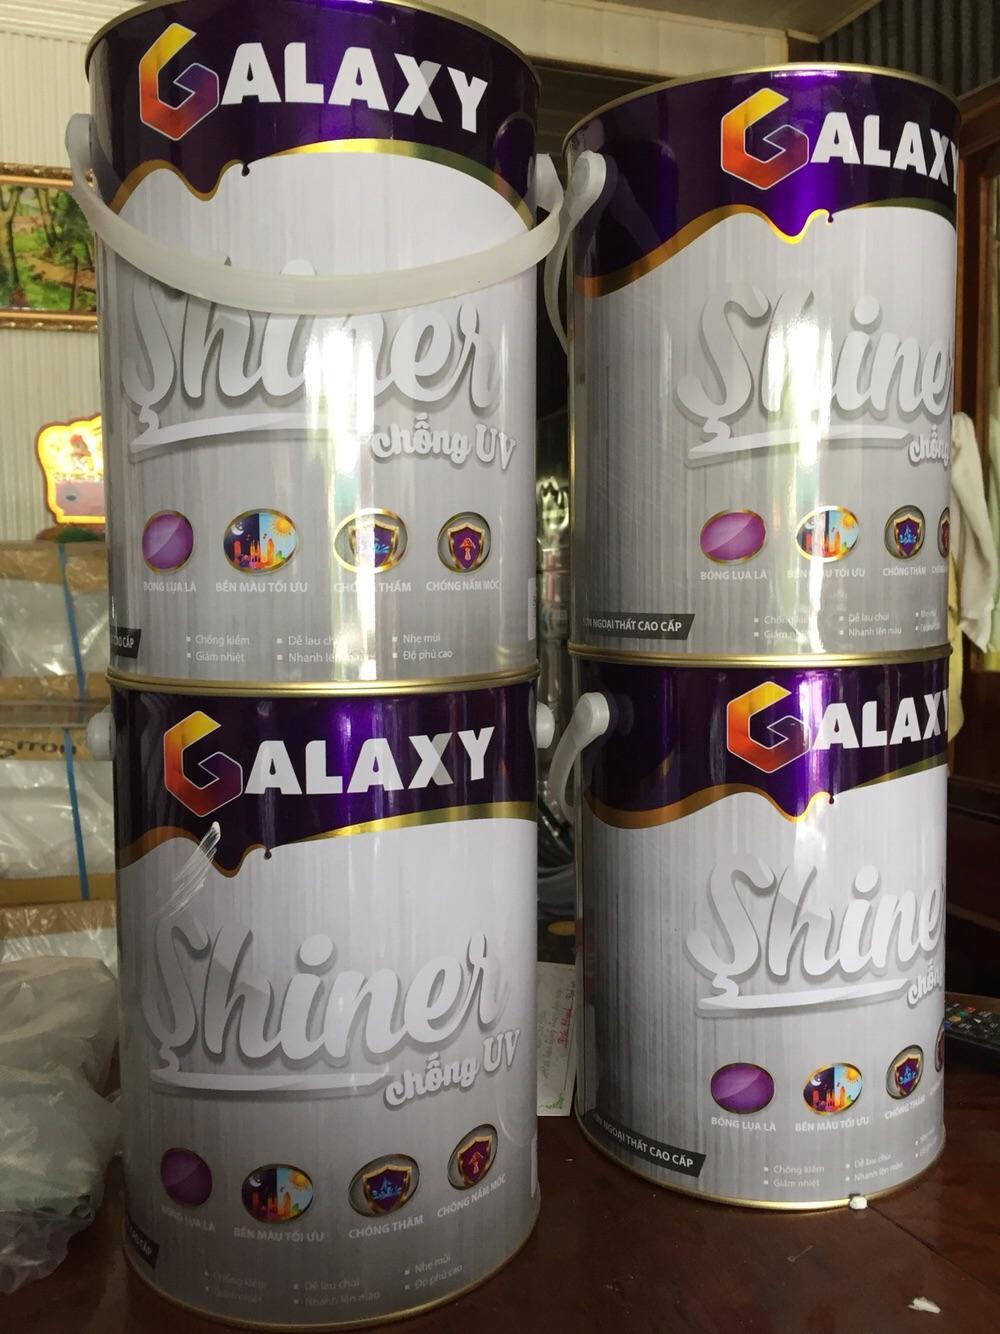 Hình ảnh Sơn nước Galaxy Shiner chống UV